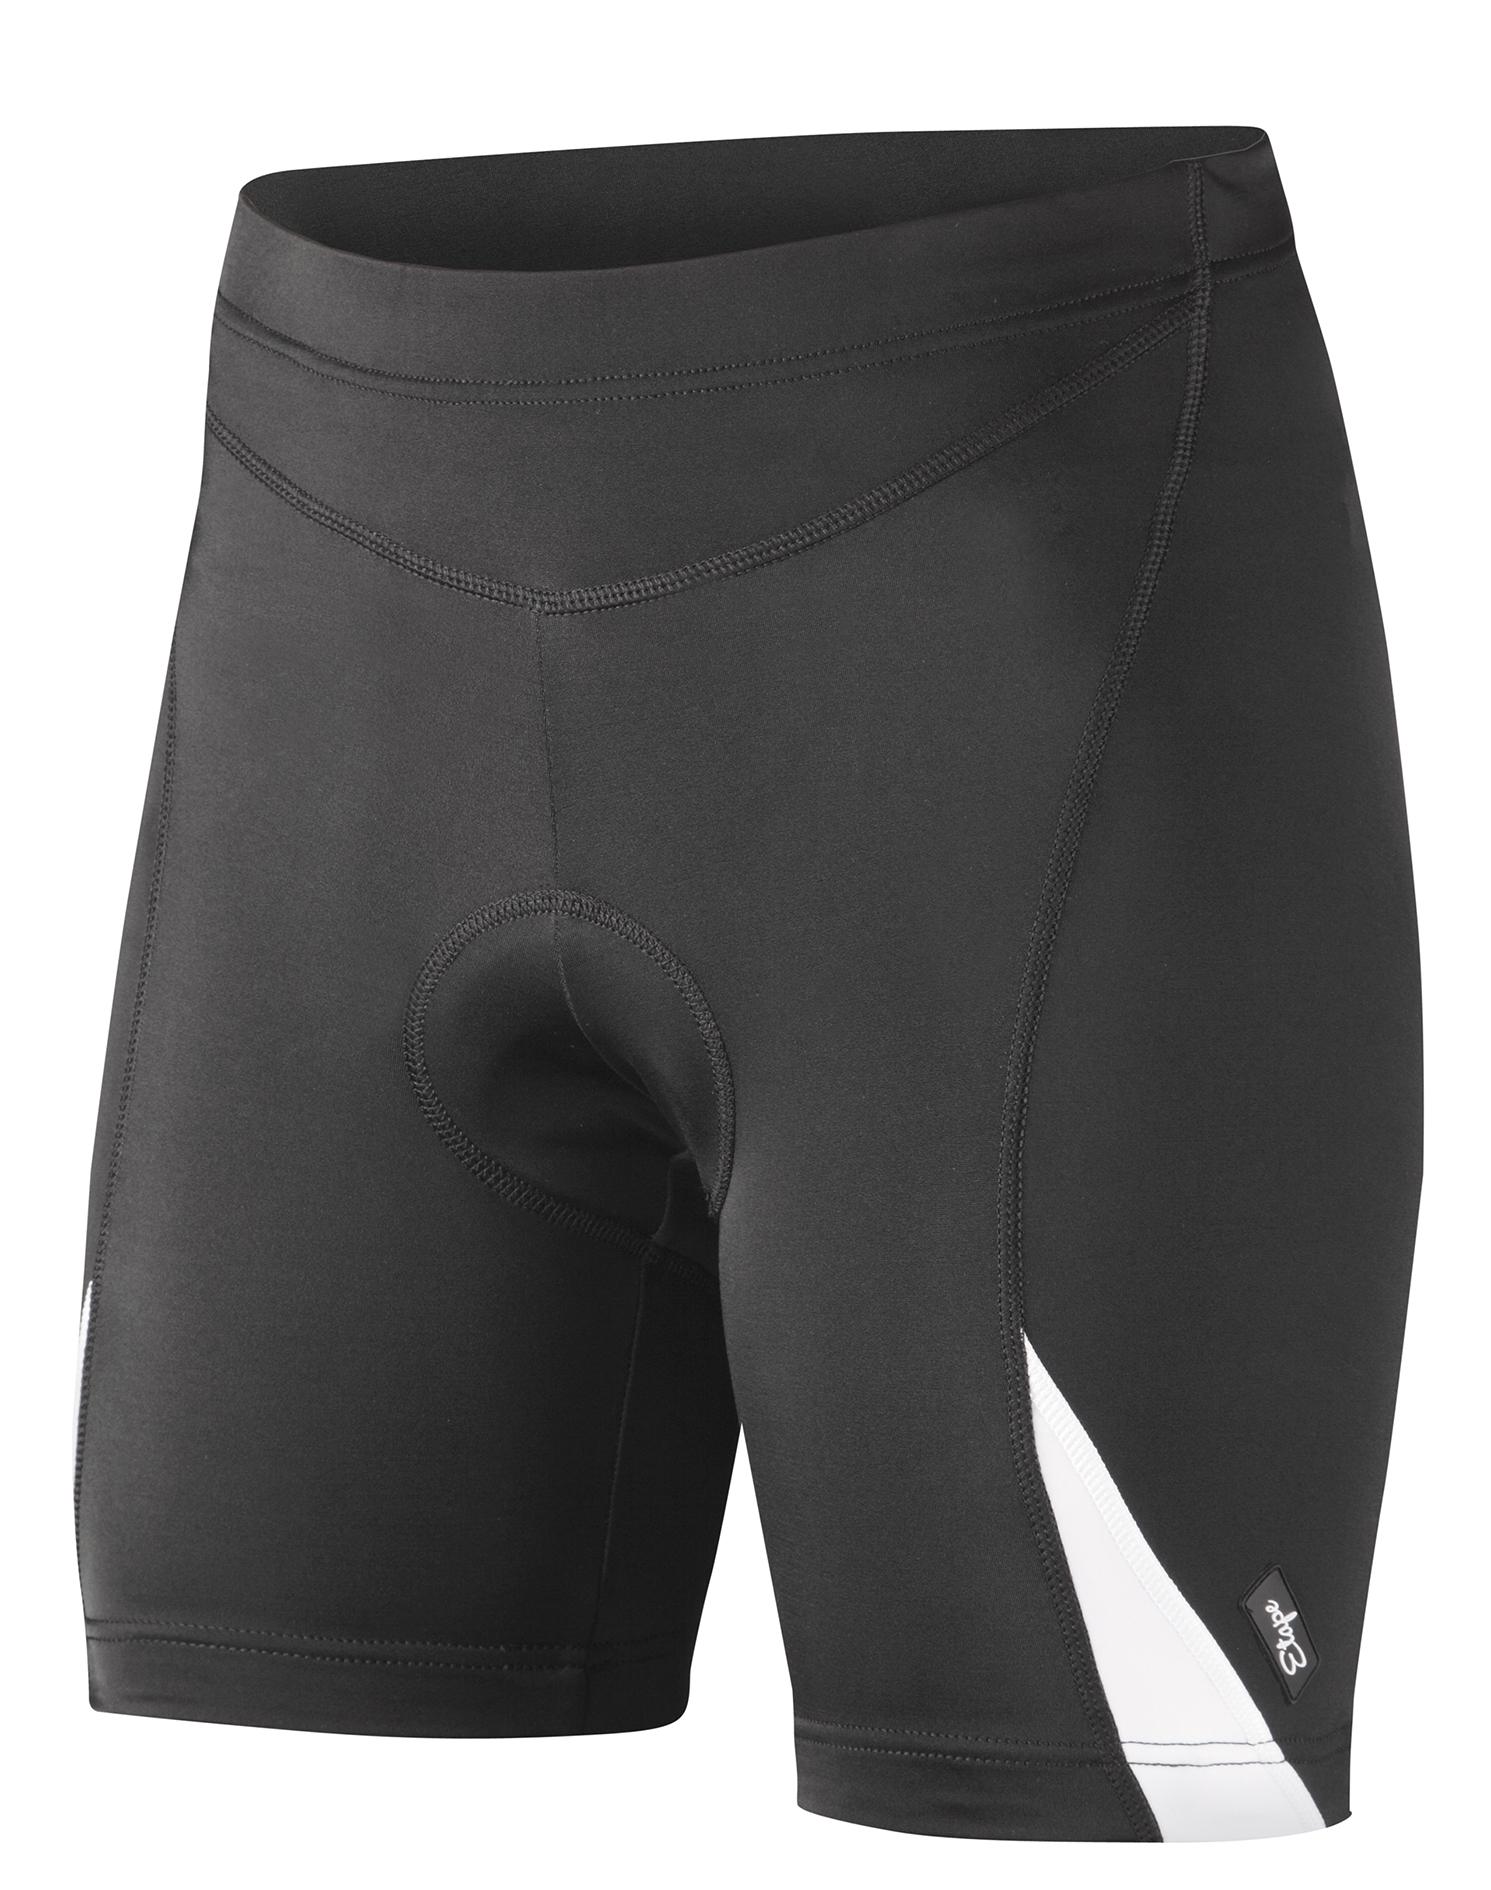 Dámské cyklistické kraťasy ETAPE Natty, vel. M, černá/bílá s vložkou, model 2017 (Dámské cyklistické kraťasy Etape, s dámskou elastickou vložkou )